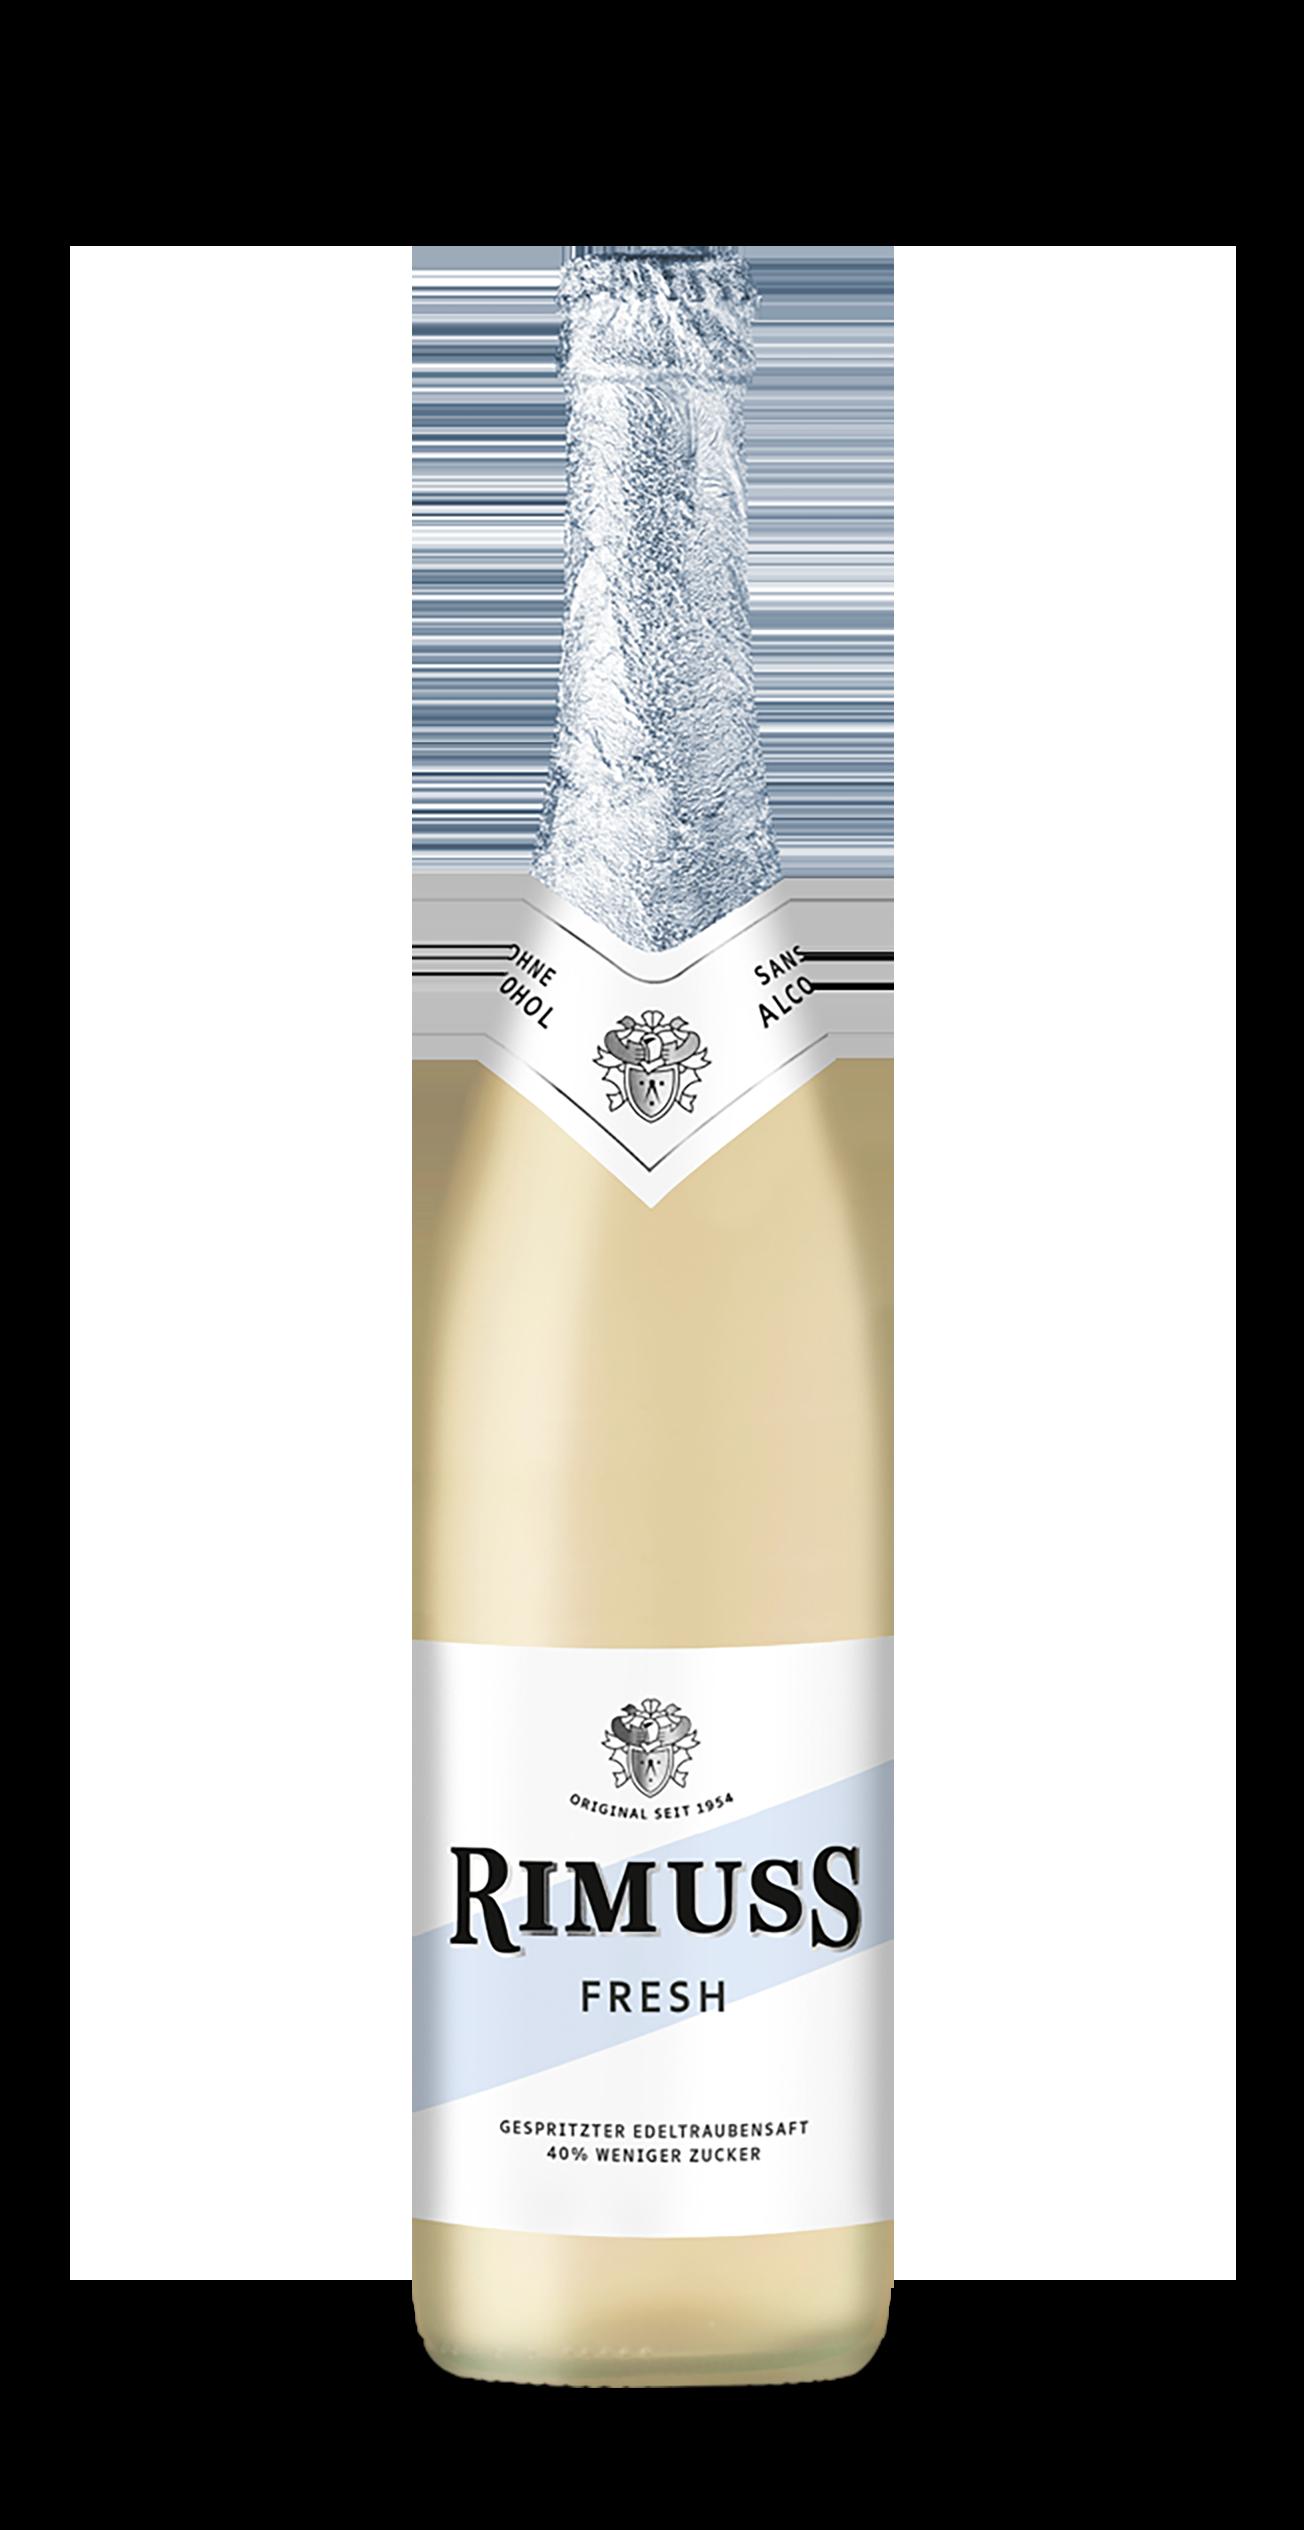 Rimuss Fresh für jeden Apéro